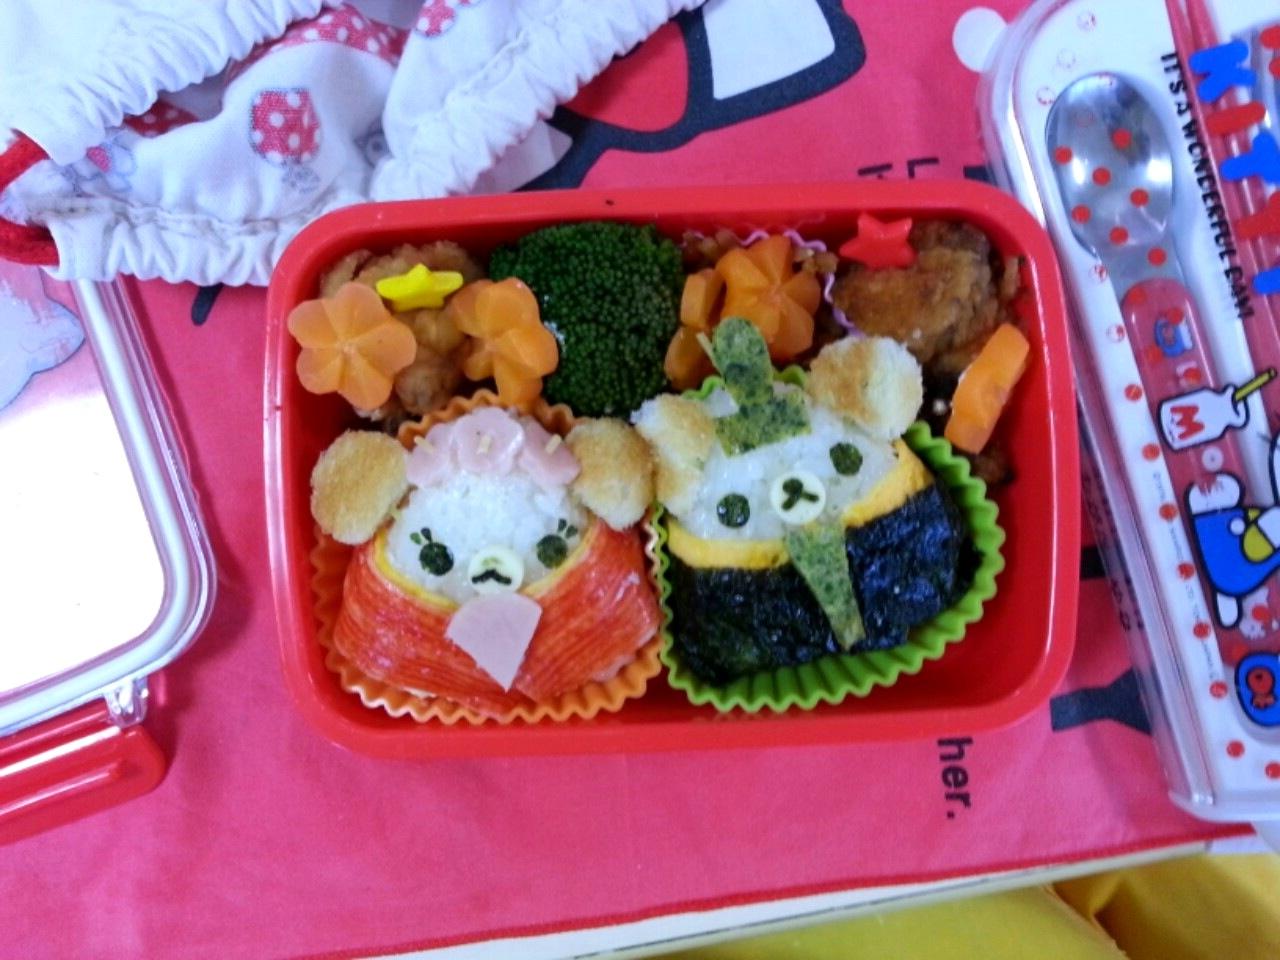 ひな祭り弁当! Hinamatsuri Bento!